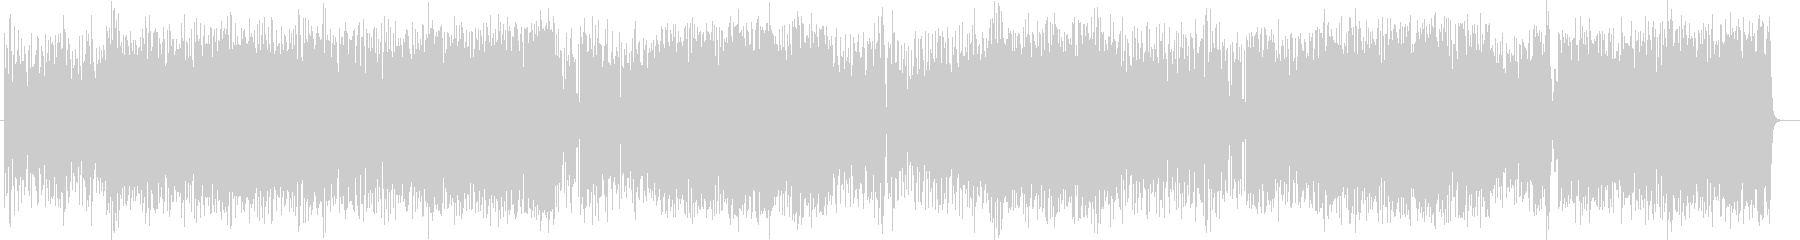 明るく元気な管楽器メインのポップスの未再生の波形